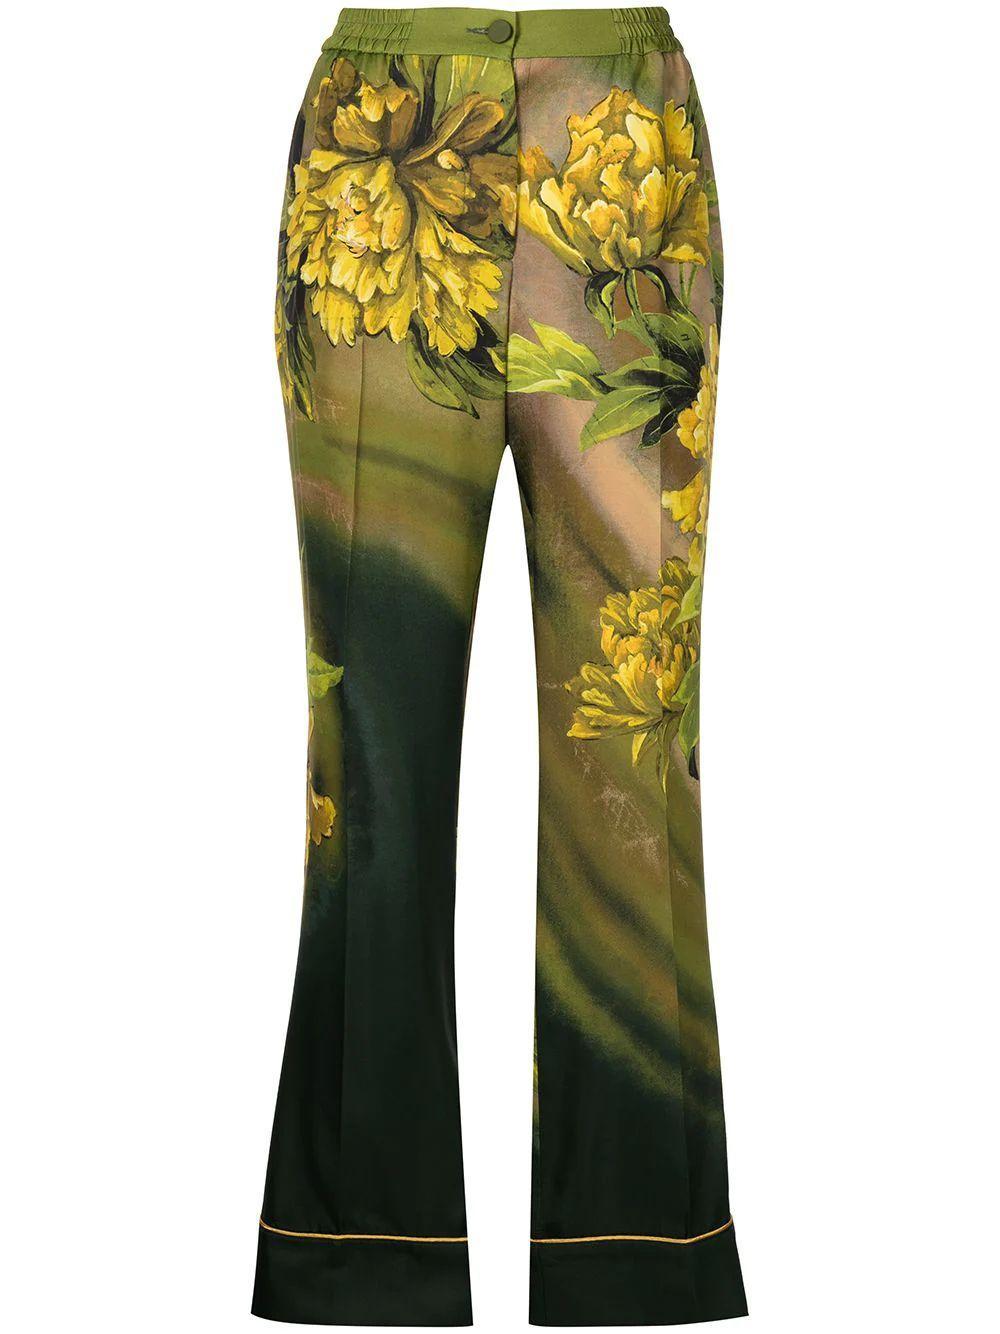 Floral Print Soft Pant Item # PA000243-TE00578